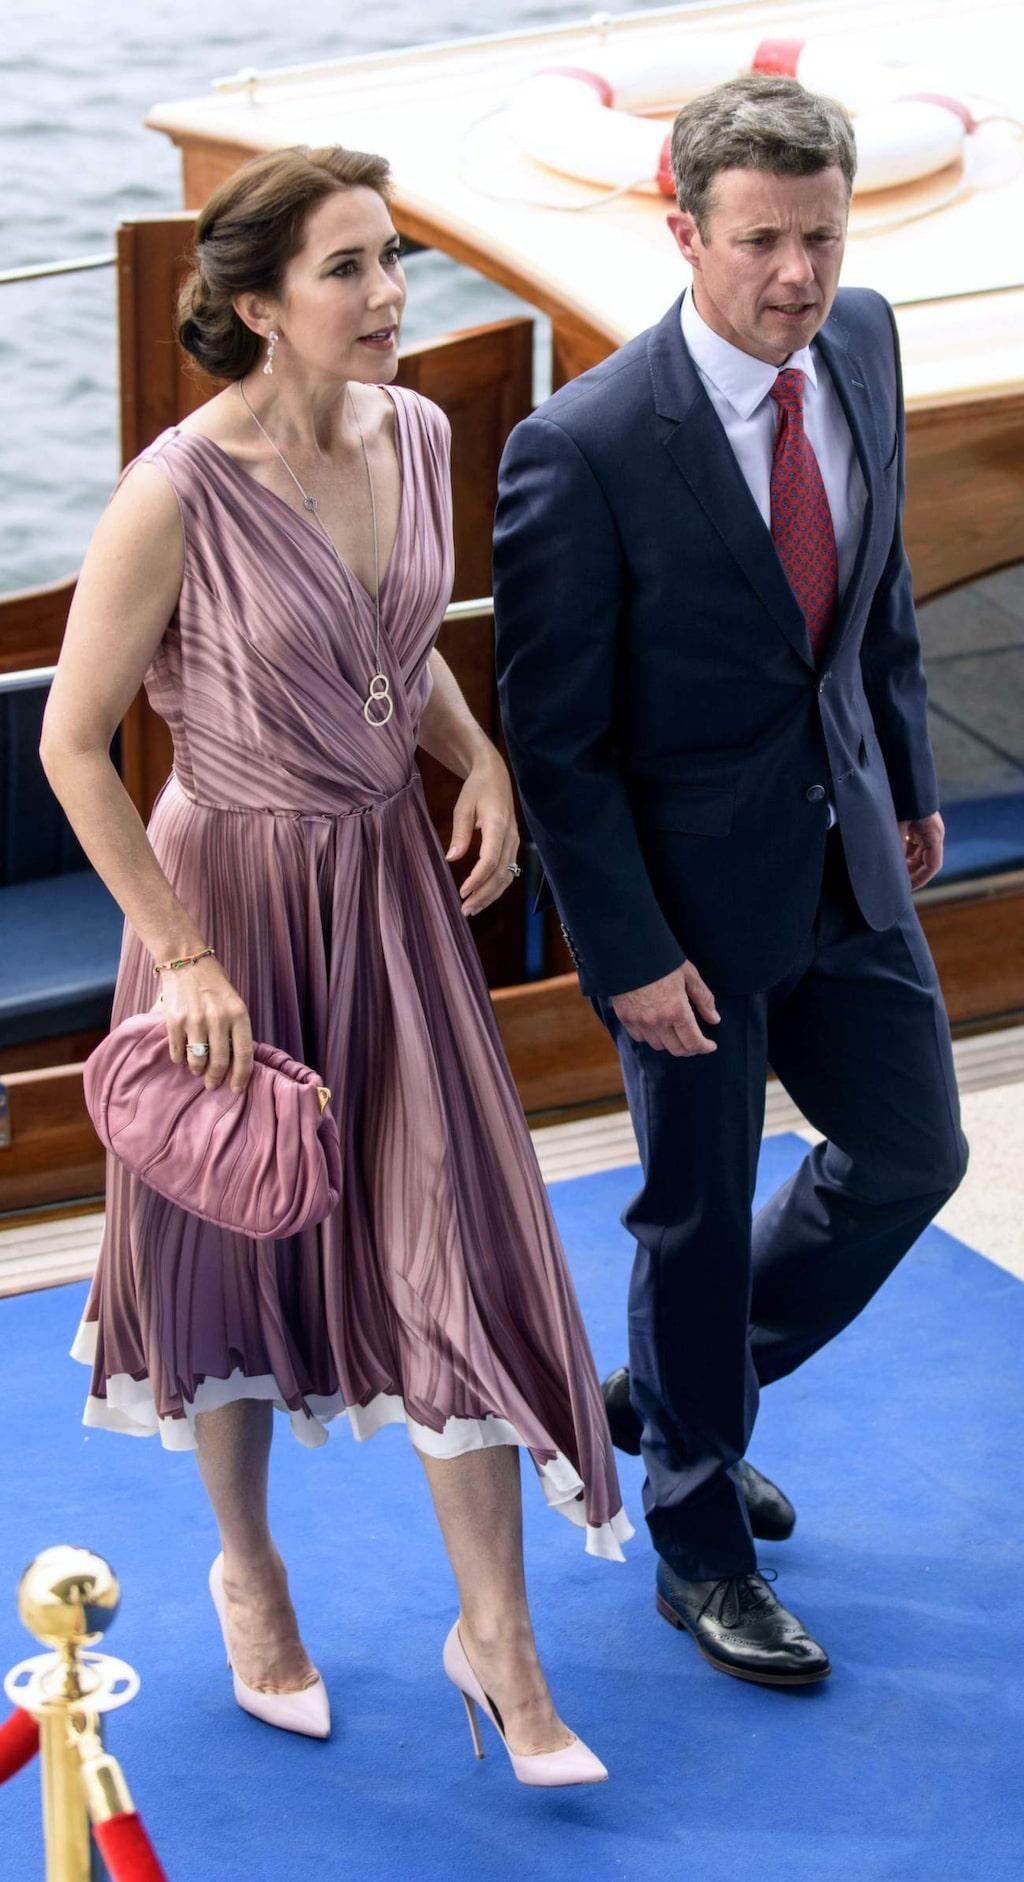 """<a _mce_href=""""http://www.expressen.se/mode/kronprinsessan-mary/"""" href=""""http://www.expressen.se/mode/kronprinsessan-mary/"""">Kronprinsessan Mary av Danmark</a> är en mästare på att matcha ton i ton. I juli 2015 återanvände hon en <a _mce_href=""""http://www.expressen.se/mode/kungligheter/nordiska-kungahus/mary/mary-ateranvander-en-11-ar-gammal-klanning/"""" href=""""http://www.expressen.se/mode/kungligheter/nordiska-kungahus/mary/mary-ateranvander-en-11-ar-gammal-klanning/"""">11 år gammal Prada-klänning</a>."""